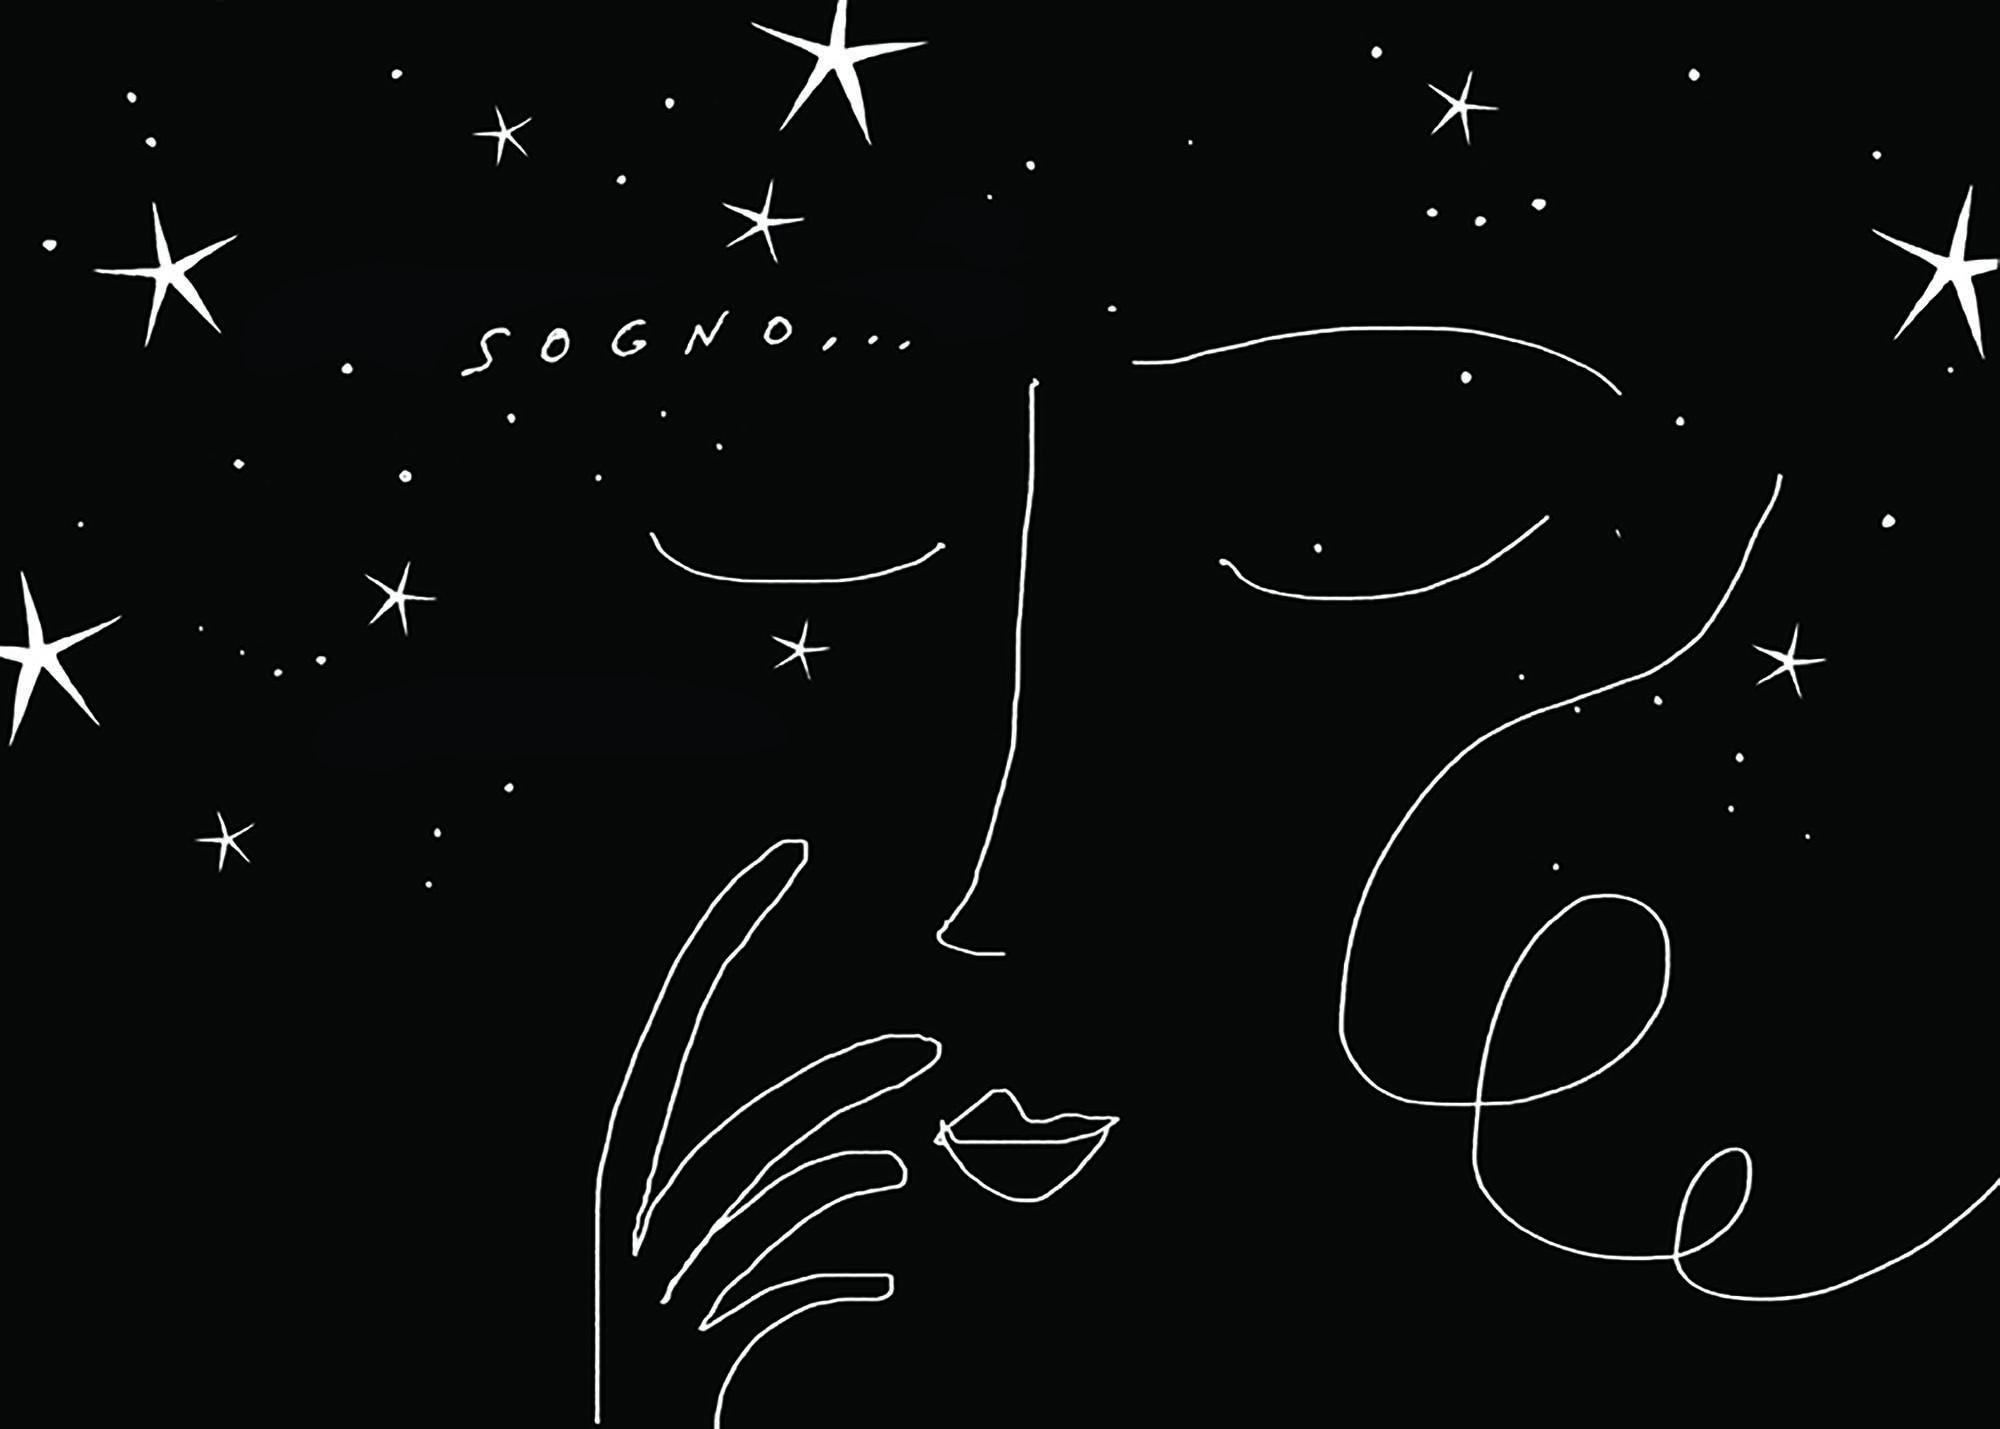 L'oroscopo del giovedì è l'oroscopo di Simon & the Stars dal 18 al 24 marzo 2021